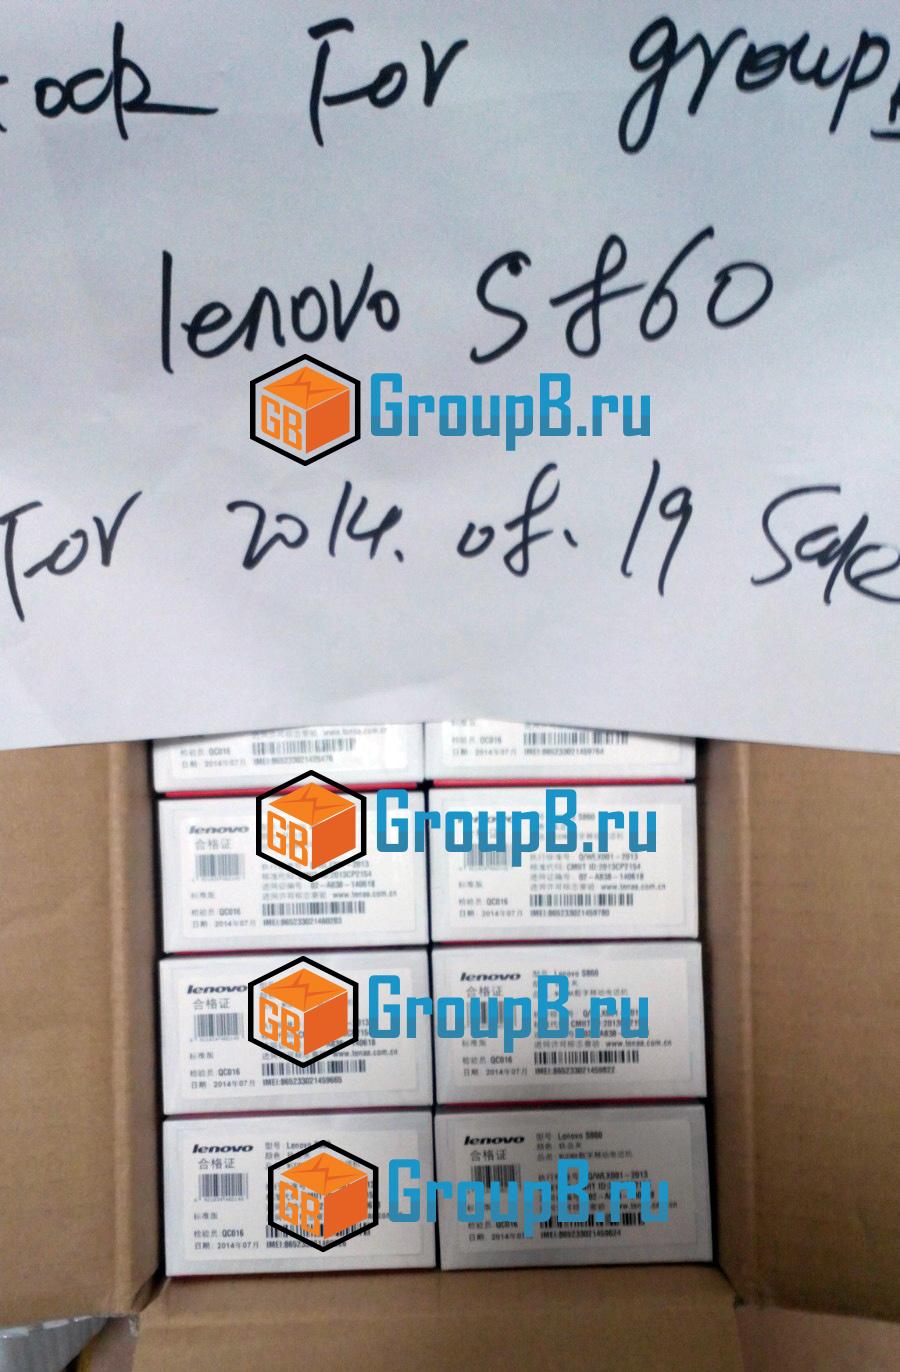 Lenovo ss860 stock